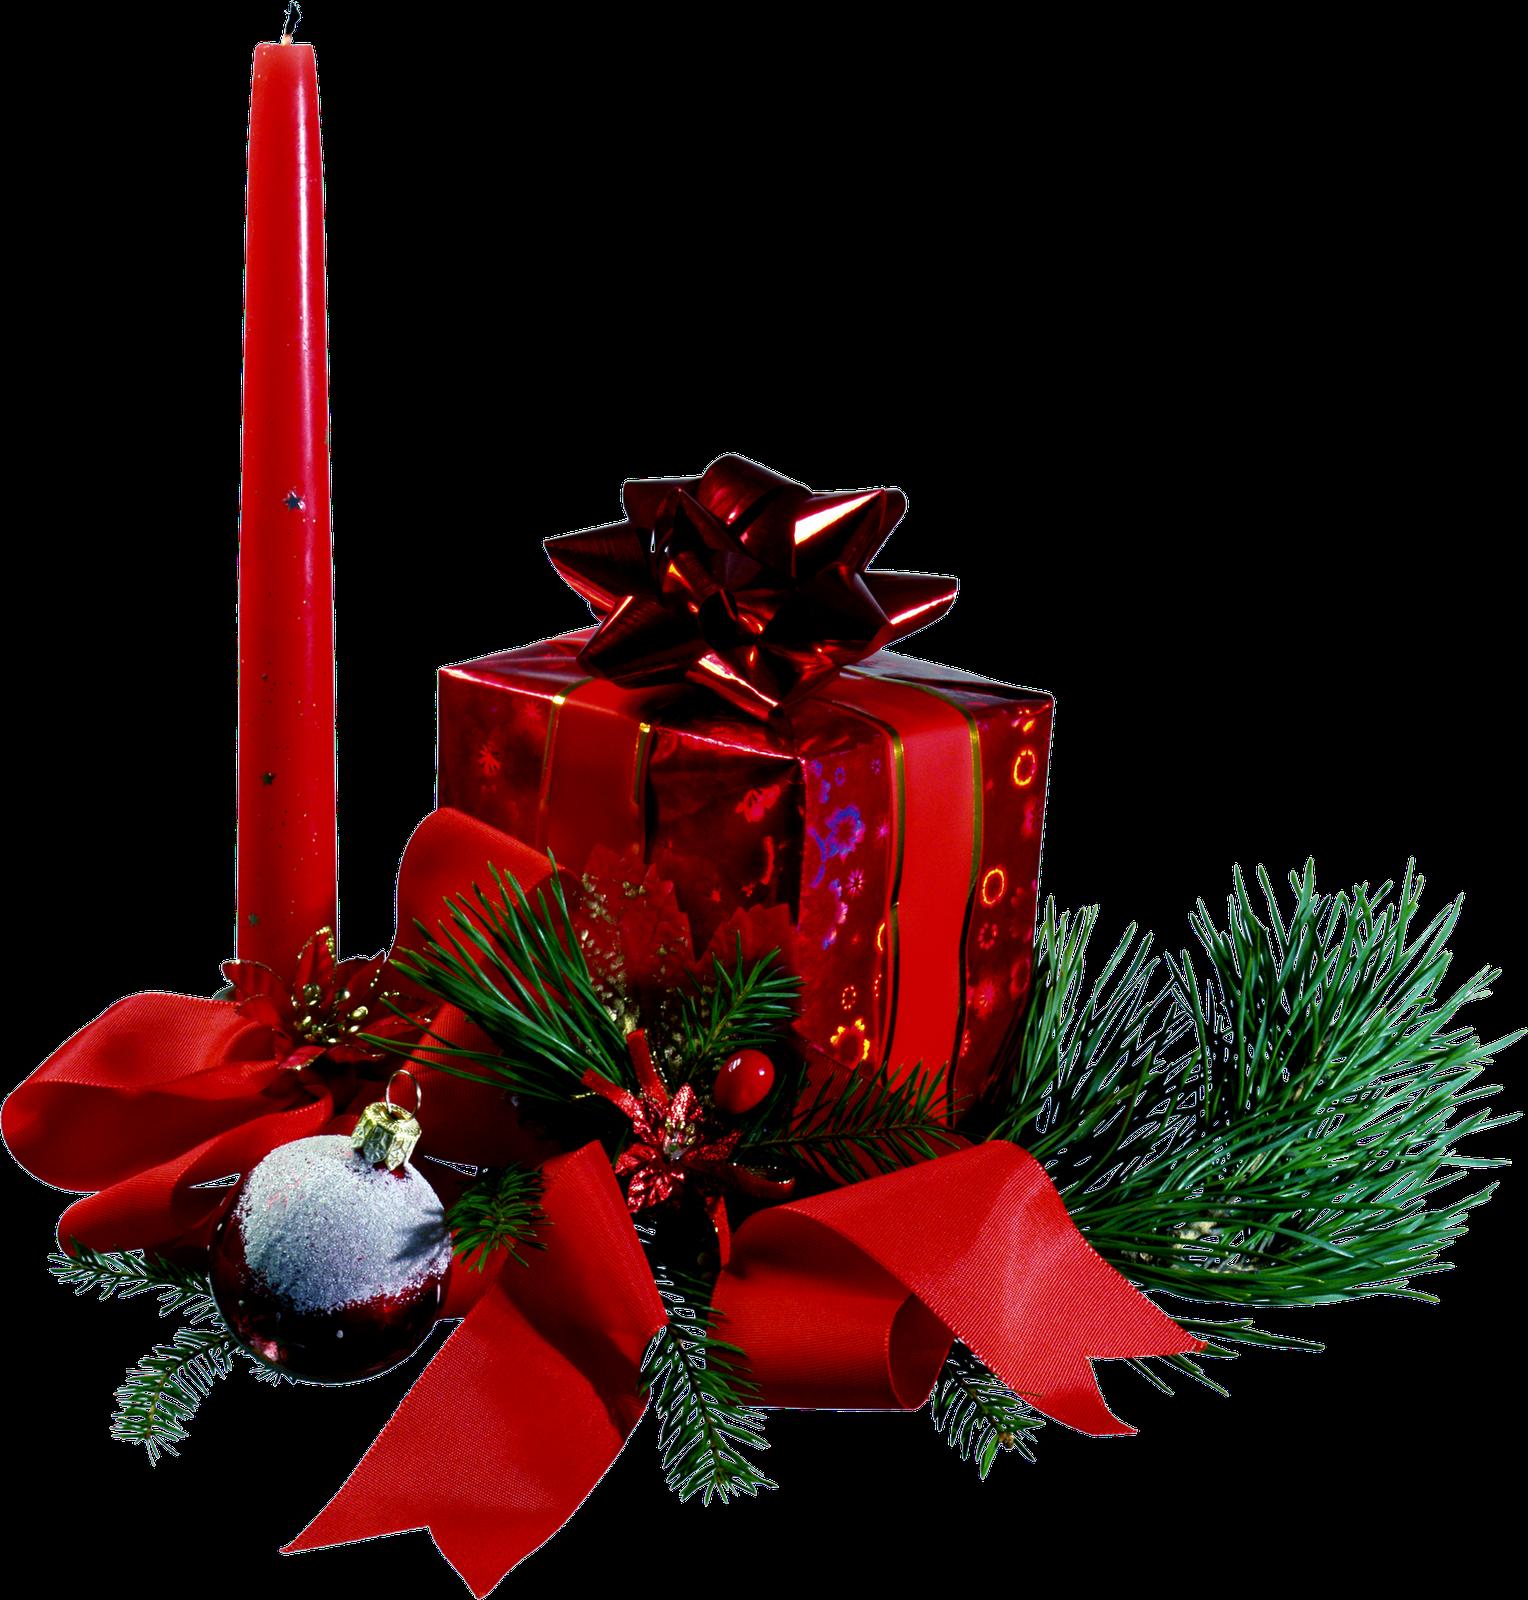 Adorno navidad adornos navidad decoracion navidad y navidad png - Adornos navidenos sencillos ...